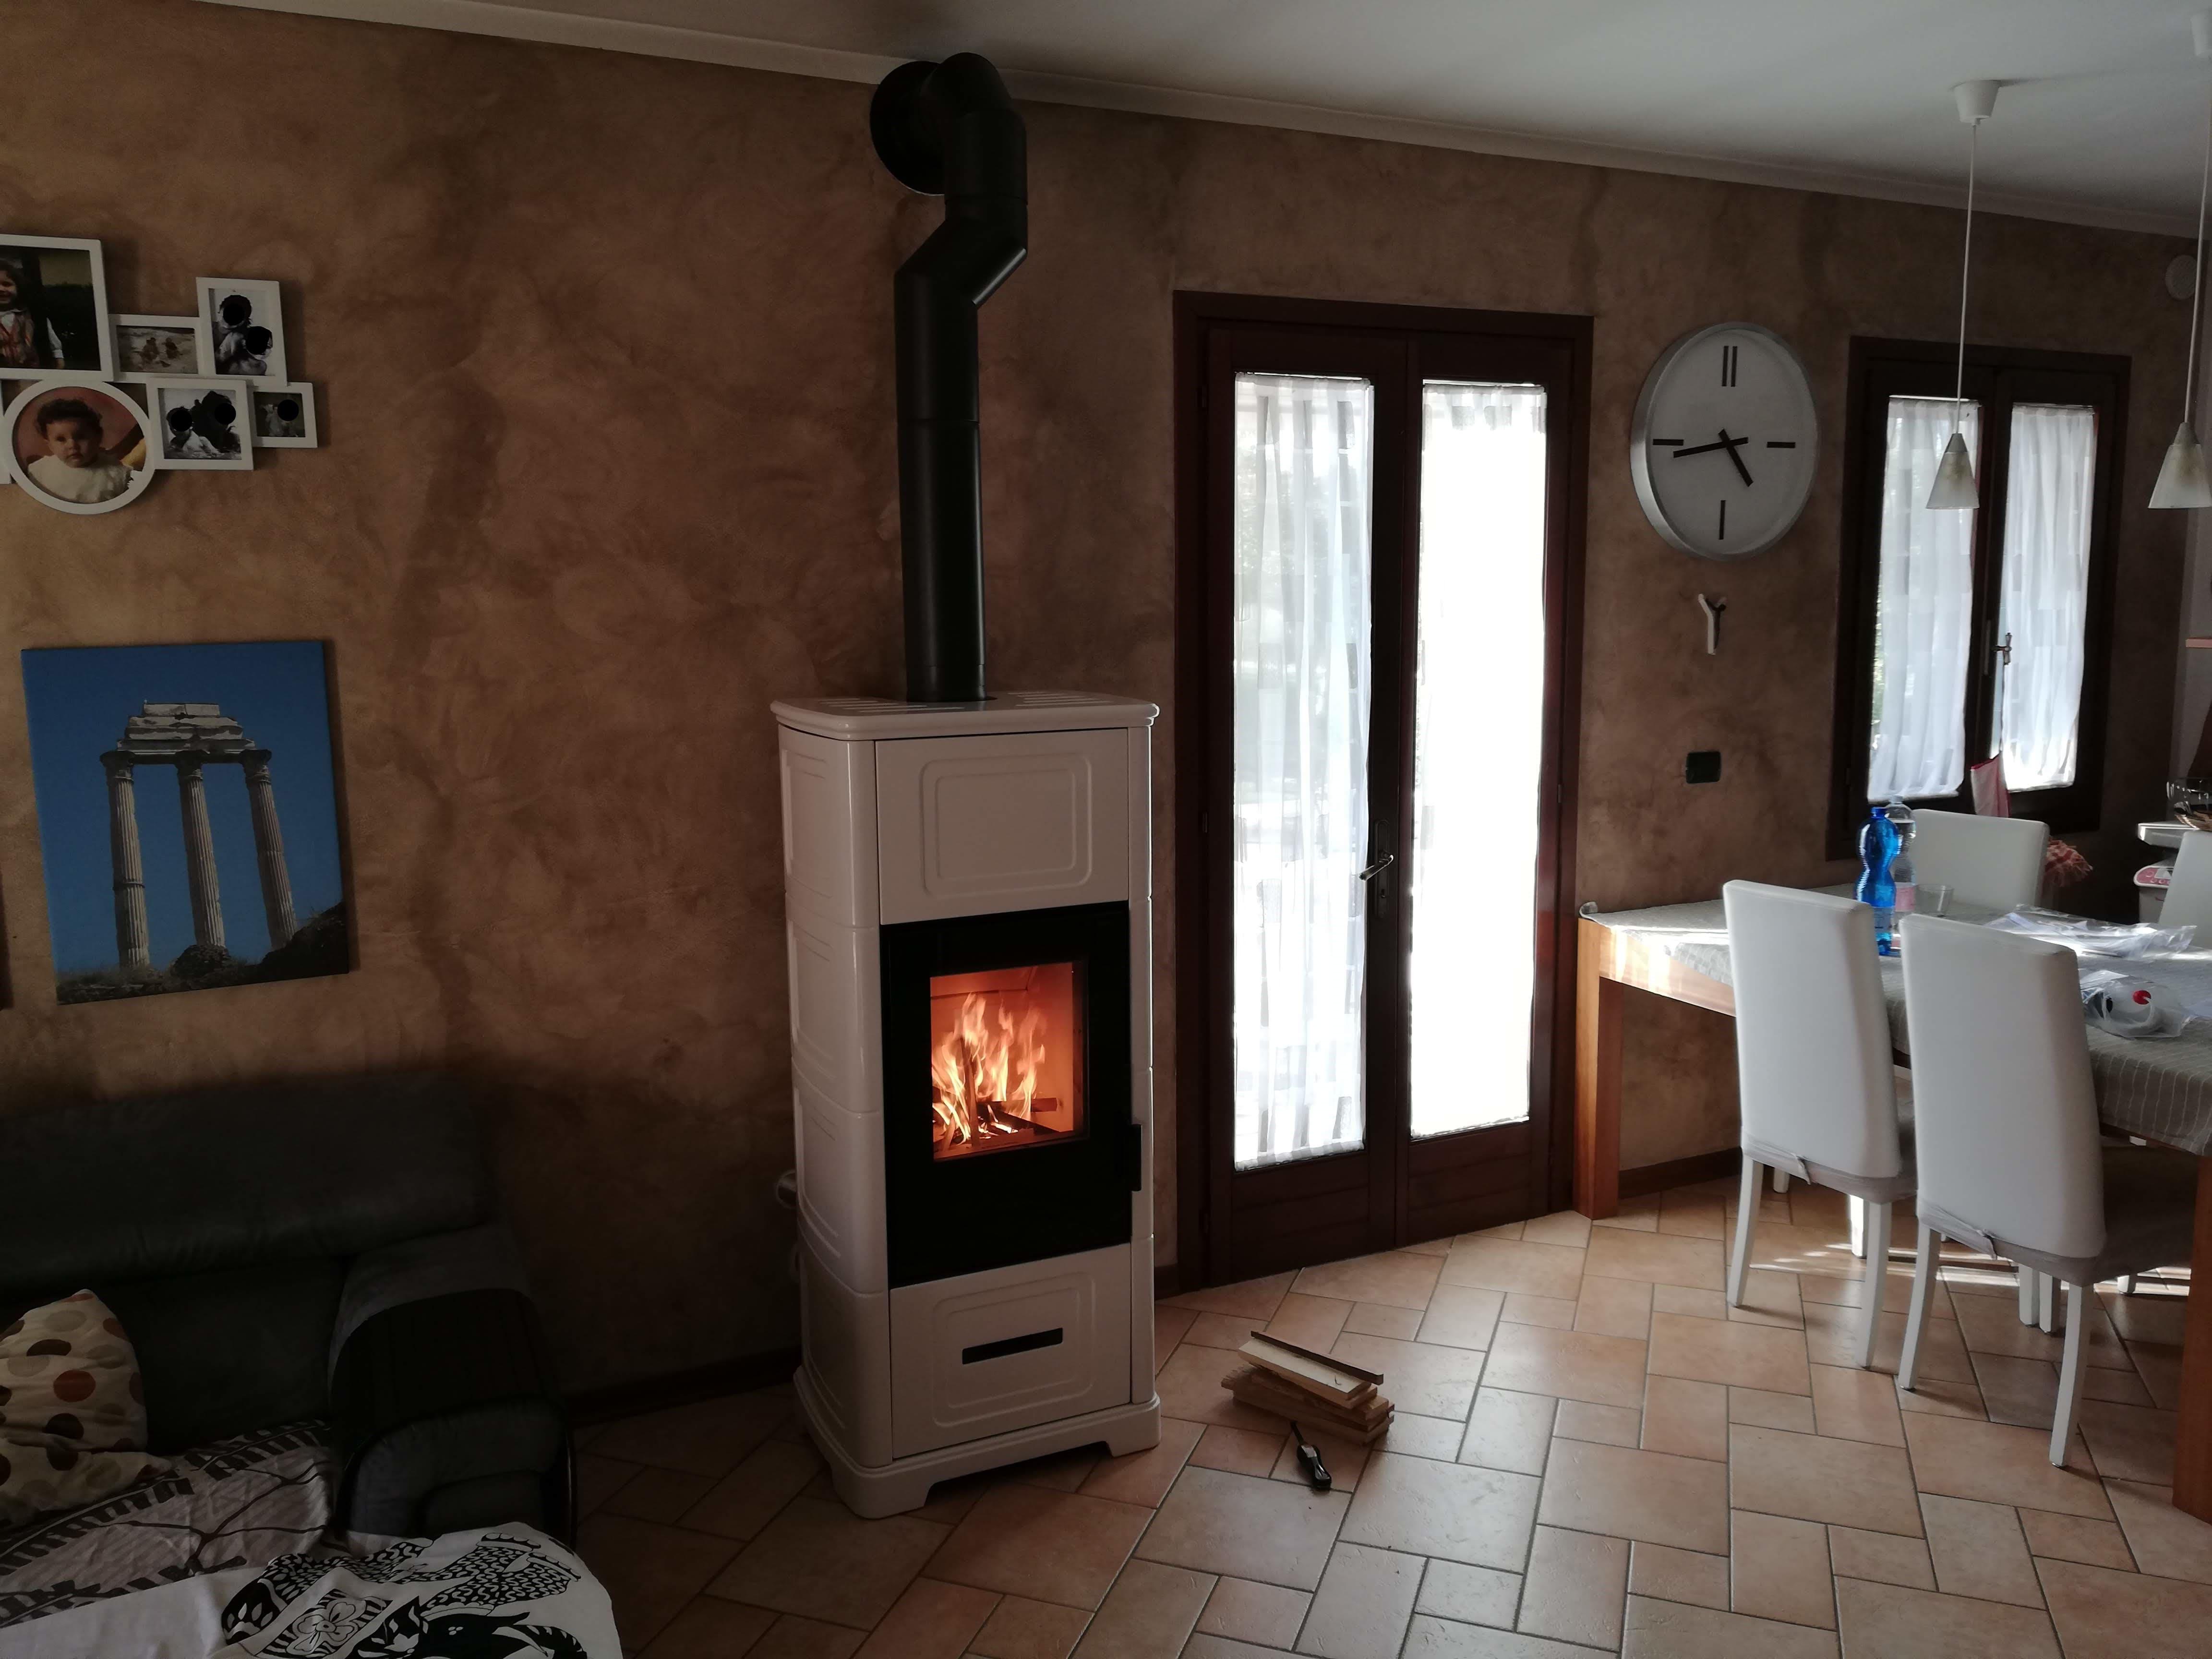 Installazione caminetto in una casa